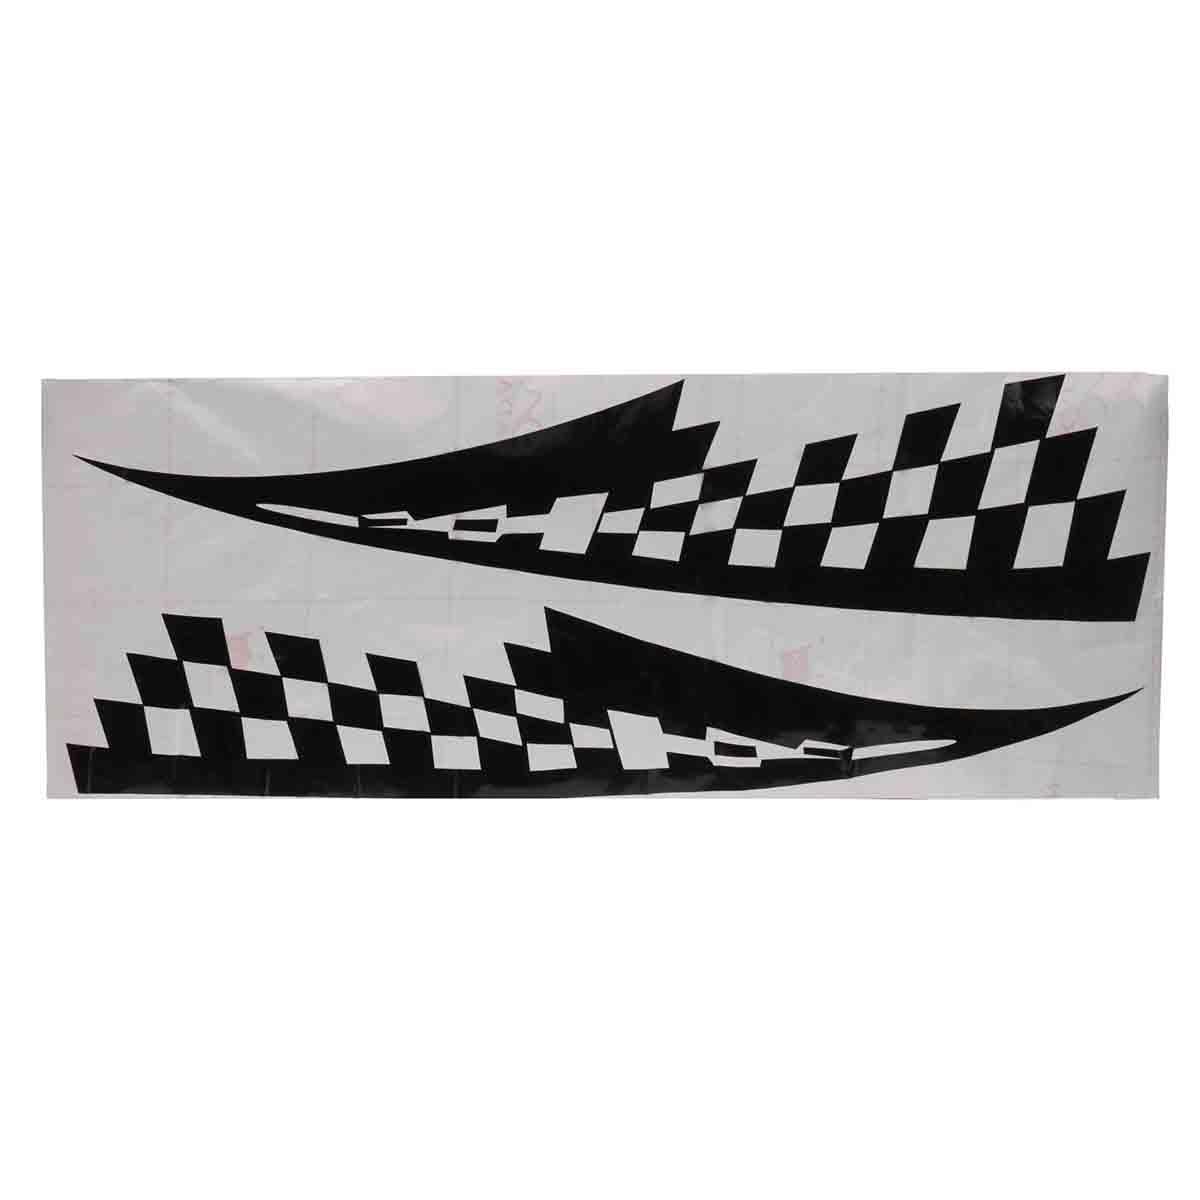 54# VOLKSWAGEN GHOST SKULL Car Bumper Window Body Decal Racing Graphics Sticker